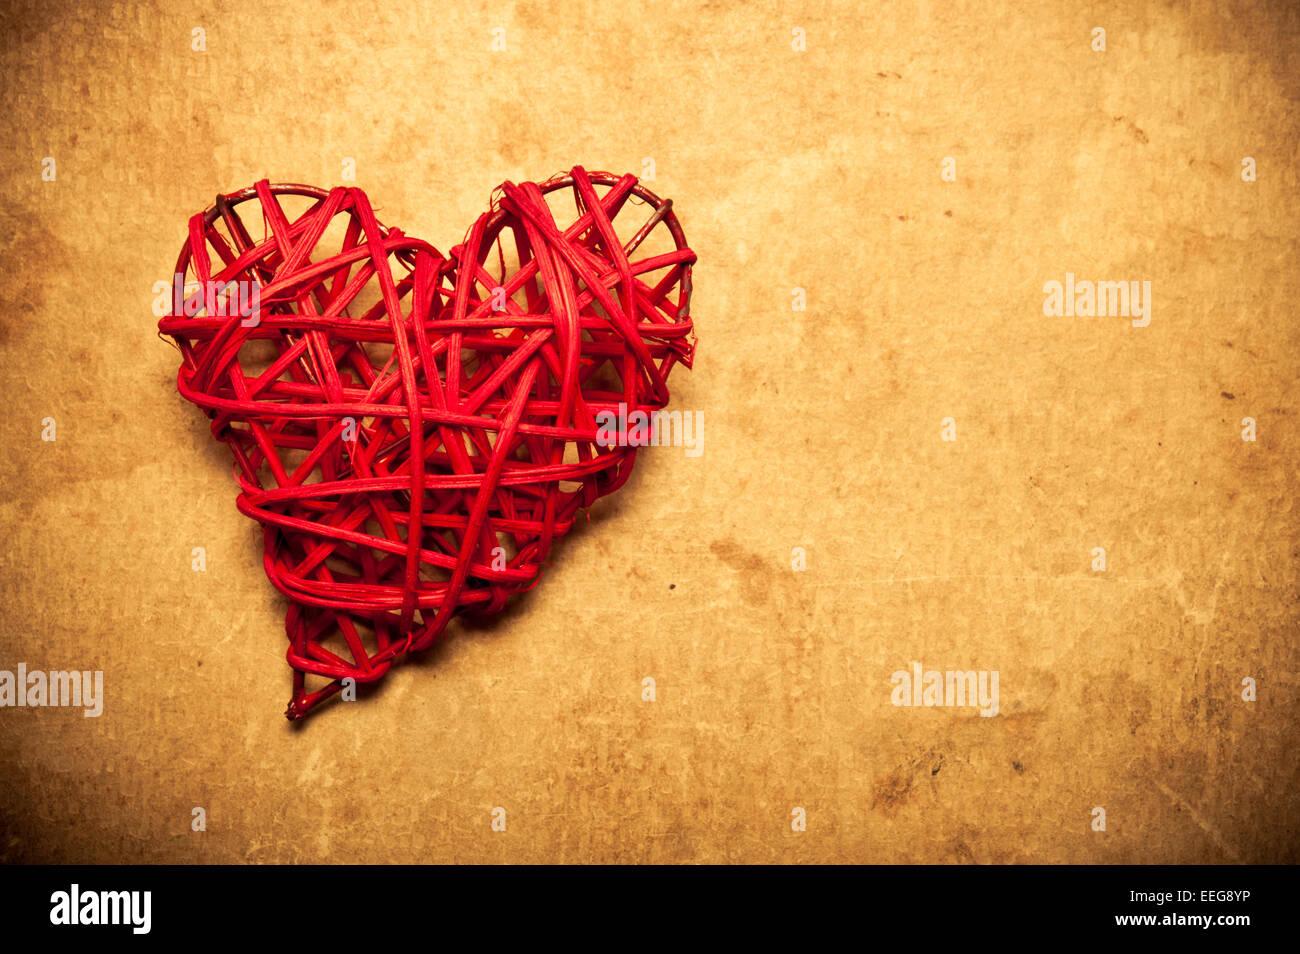 Valentino forma di cuore, il concetto di amore Immagini Stock